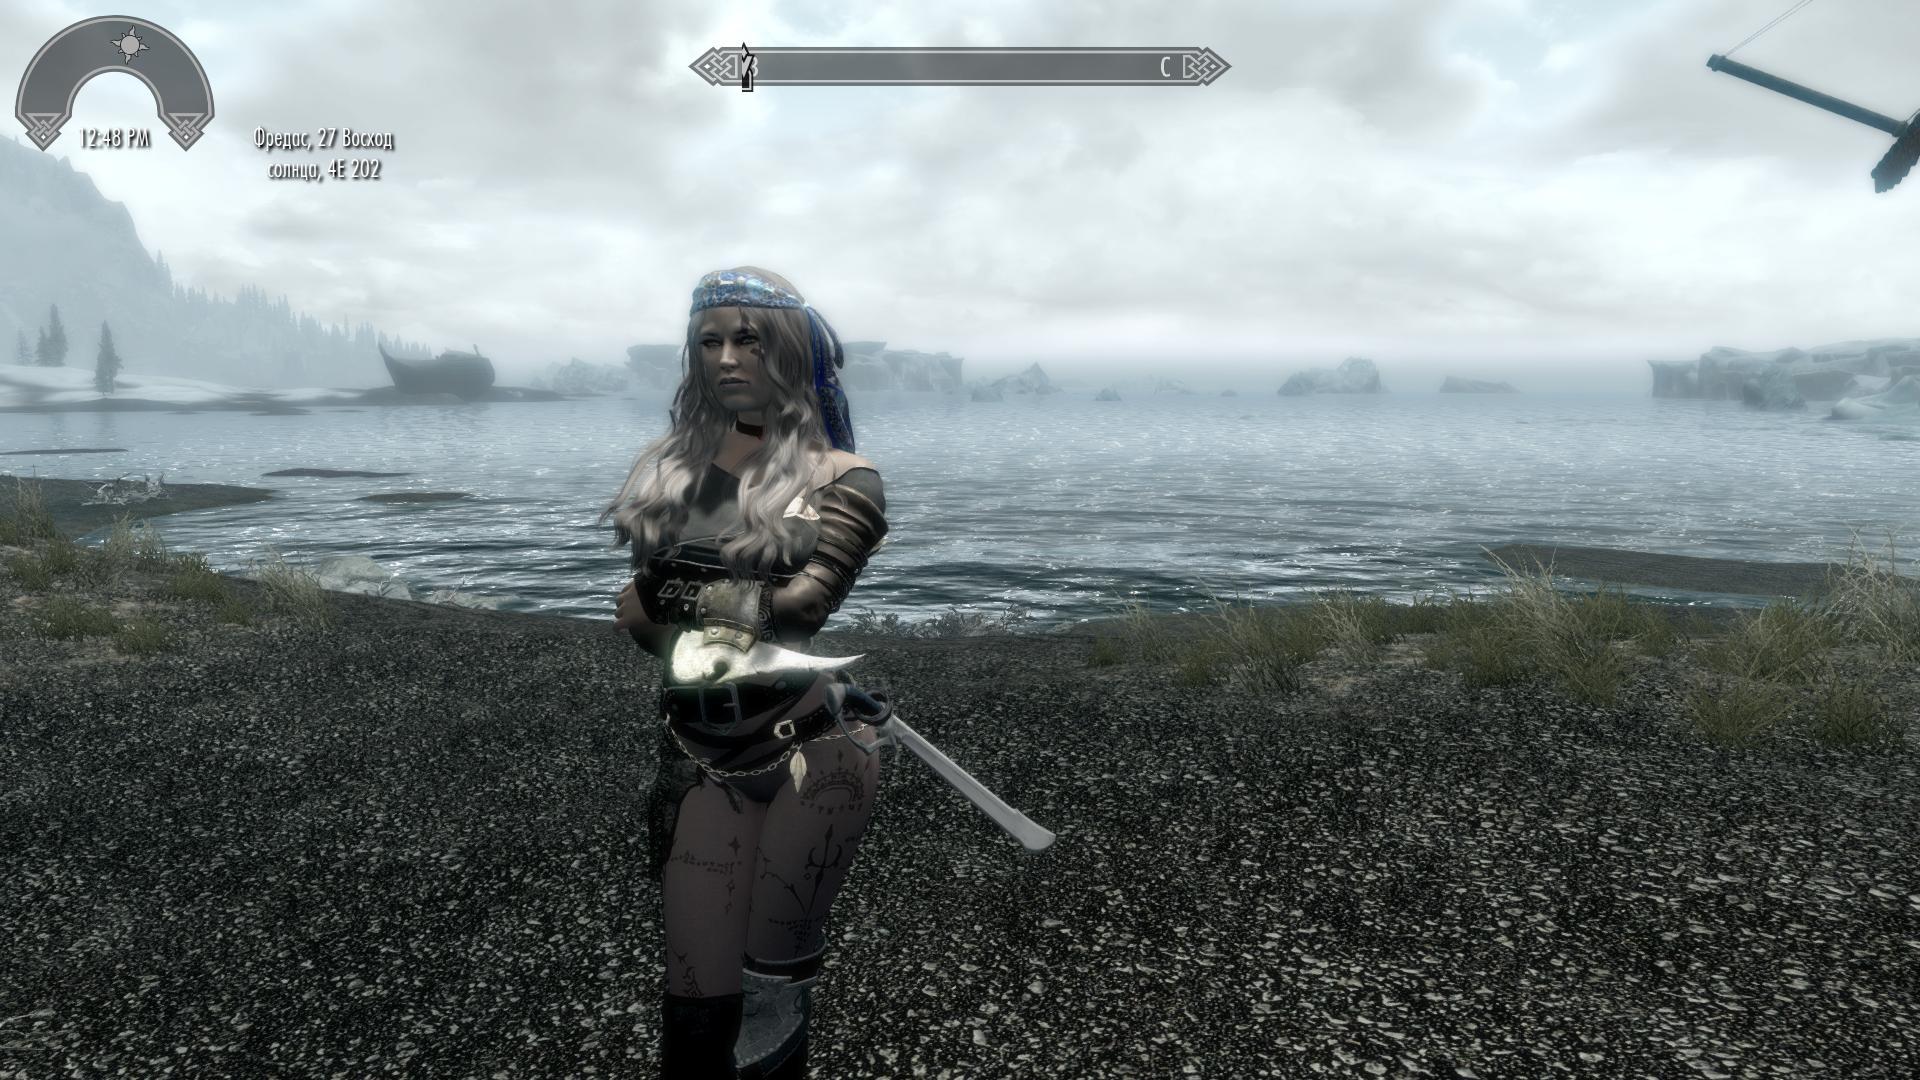 Героиня ракурс 22 - Elder Scrolls 5: Skyrim, the